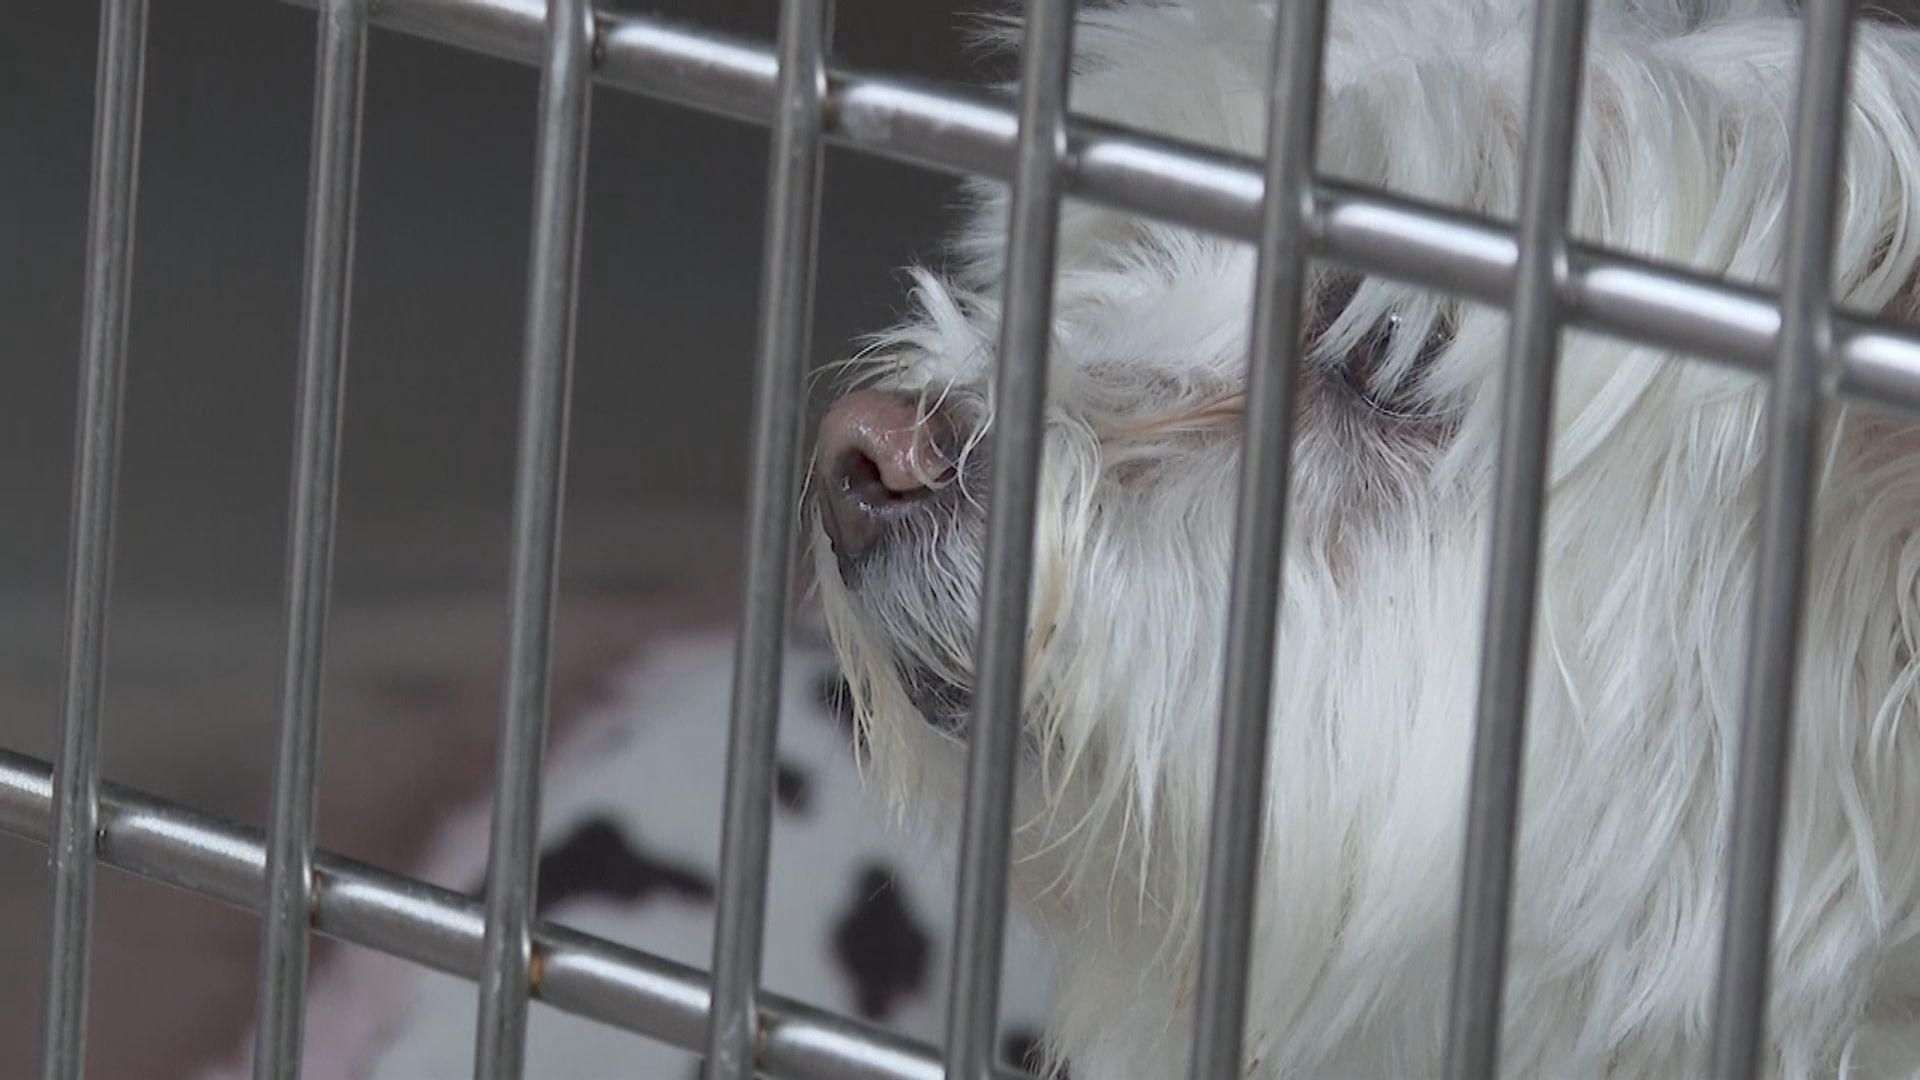 【環球薈報】美國7月14日起暫停逾百國家的狗入境